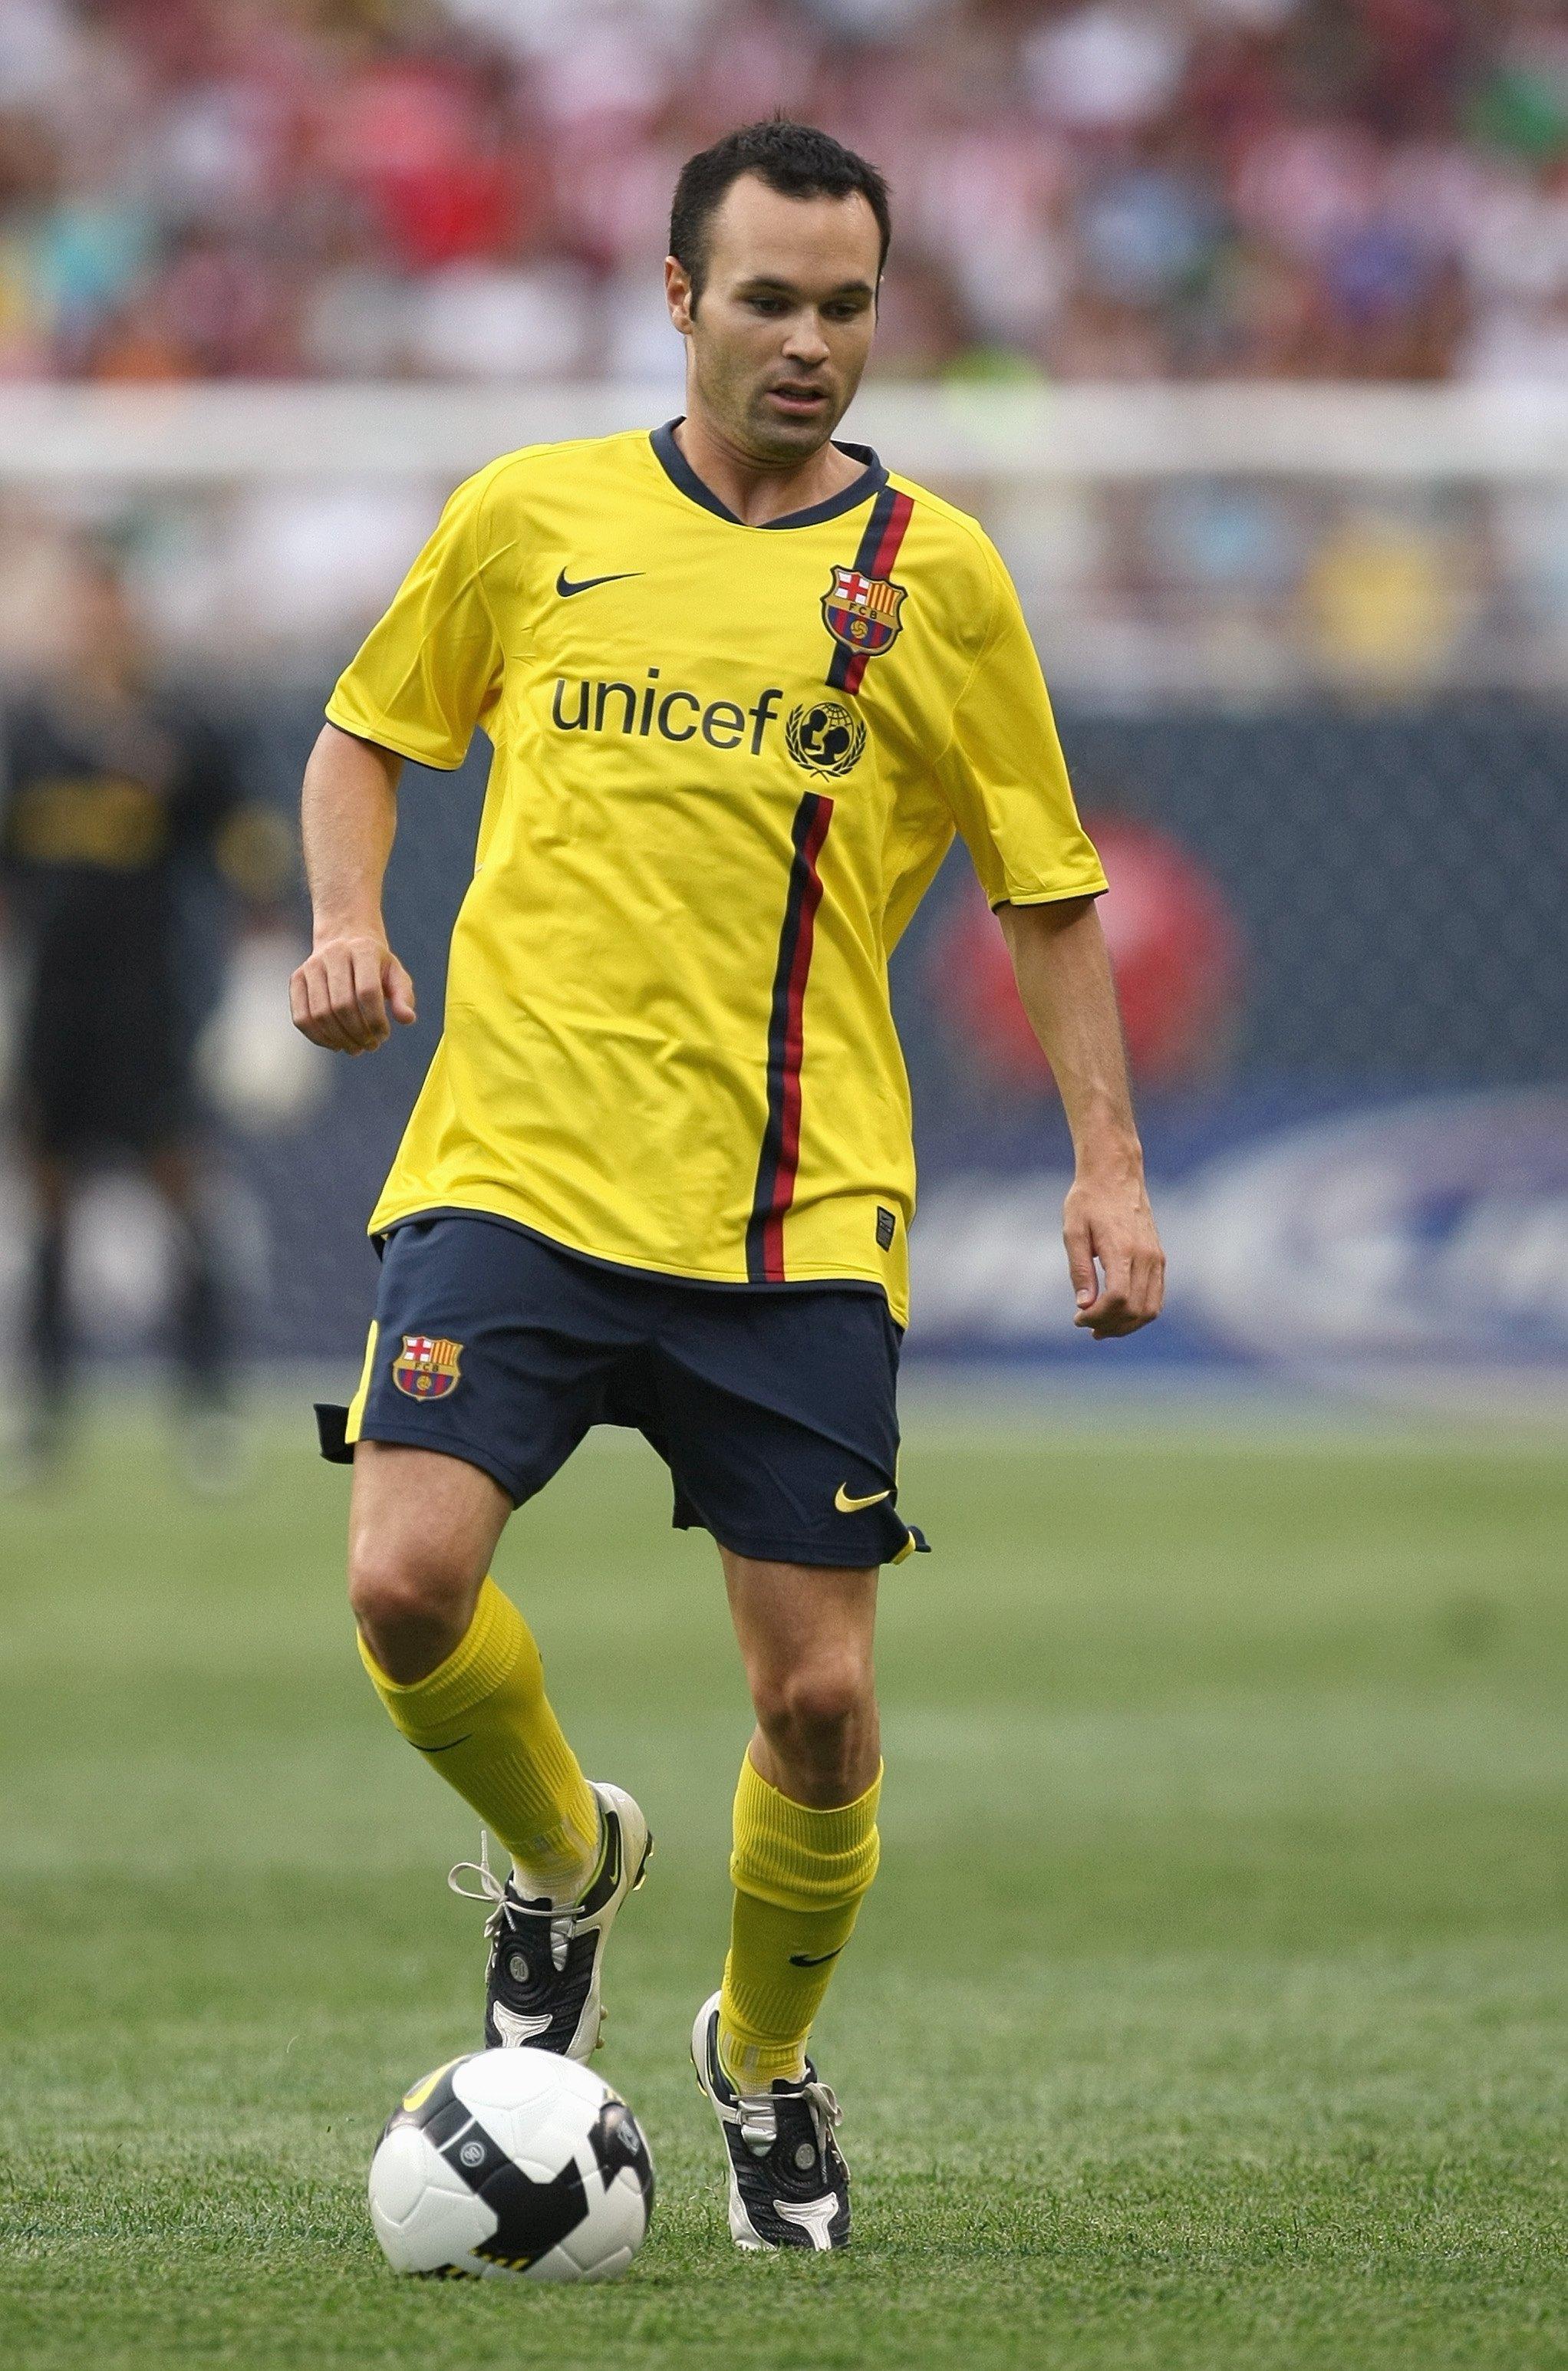 41244c21e592c Barcelona lança uniforme bizarro para a próxima temporada! Relembre os  outros - Fotos - R7 Futebol